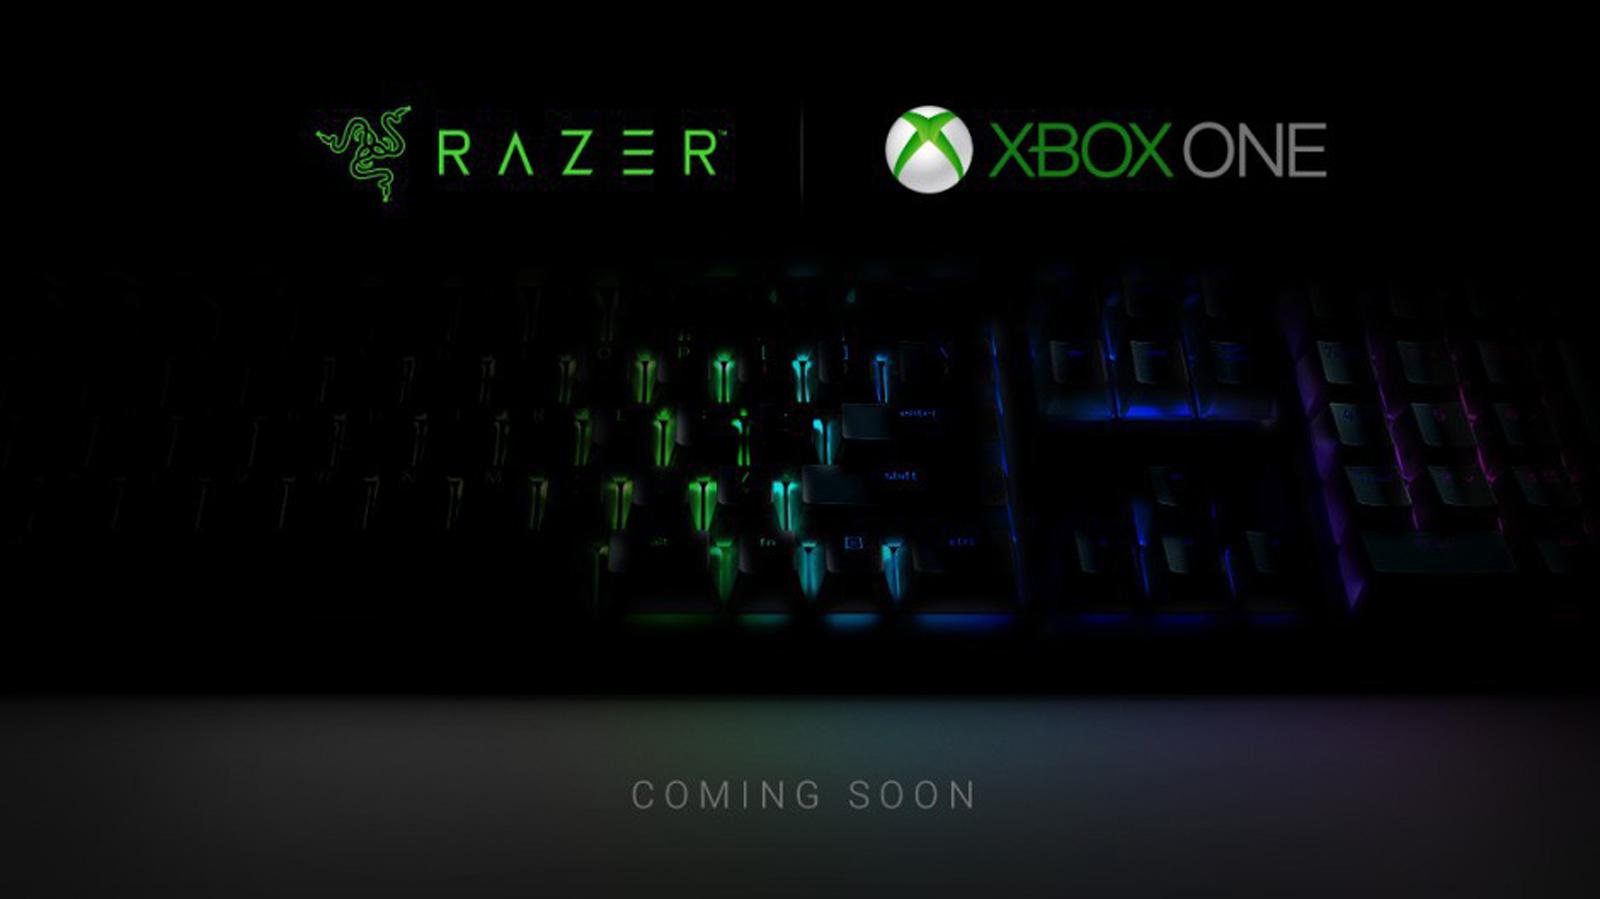 Xbox One Razer supporto mouse e tastiera